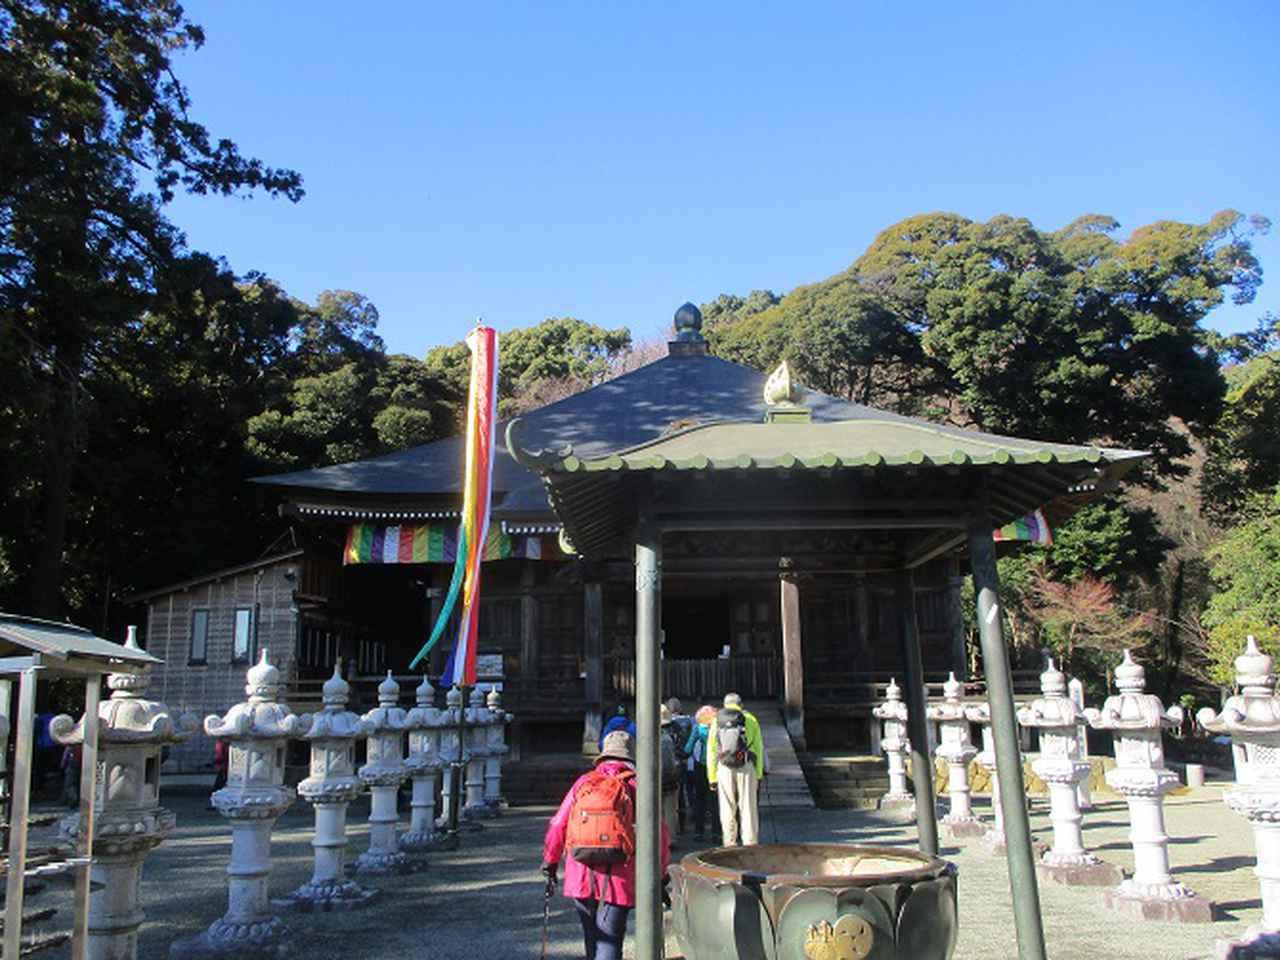 画像3: 1月21日に岡田ガイドのコースで 丹沢白山 へ行ってきました♪